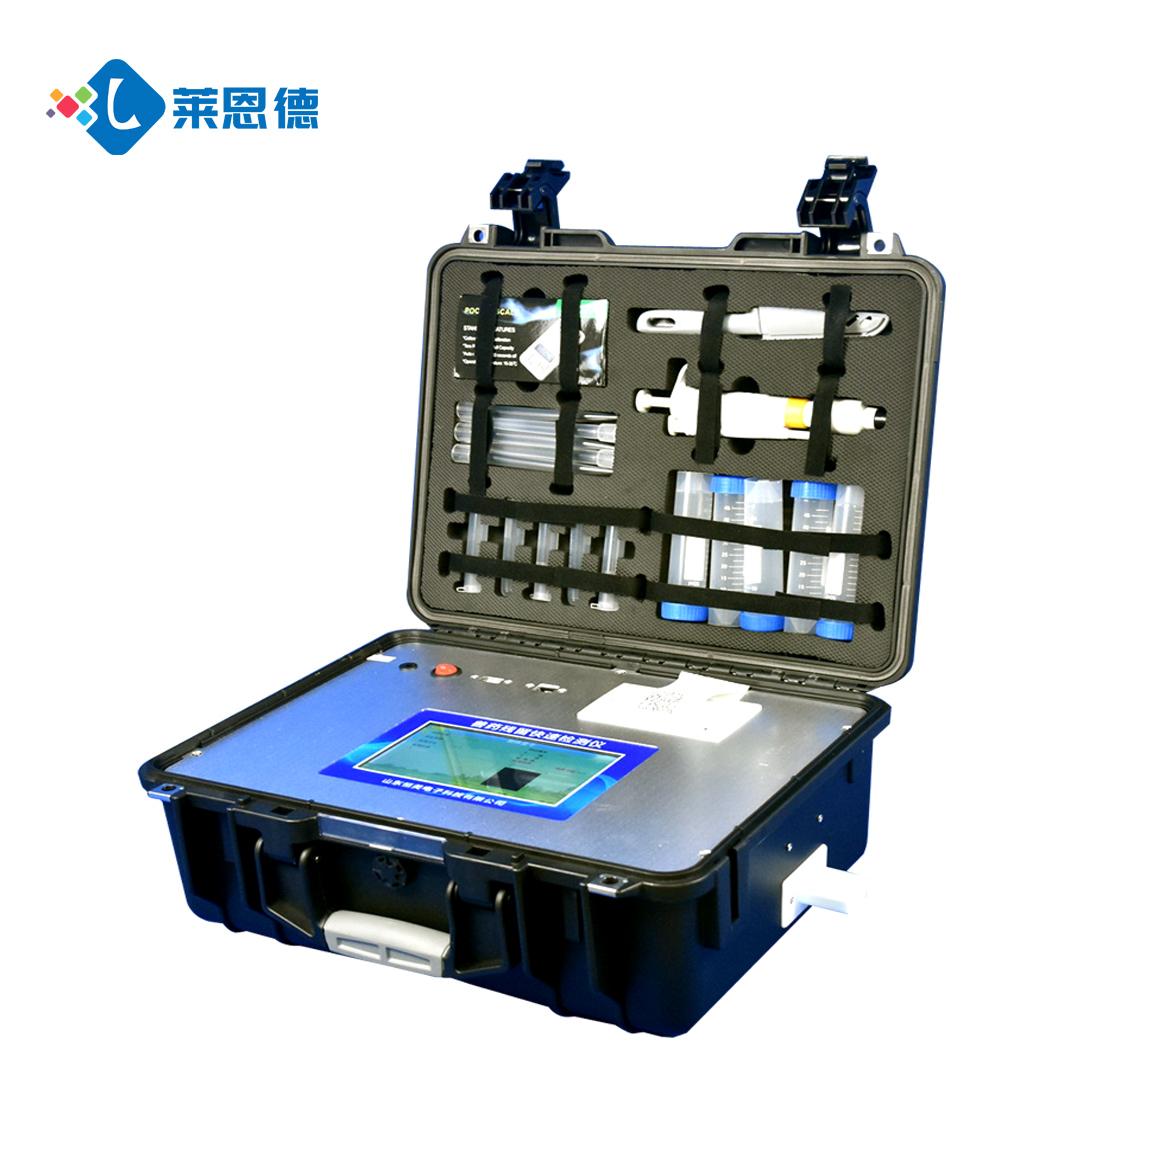 鱼虾食品安全快速检测系统的主要参数及检测方法